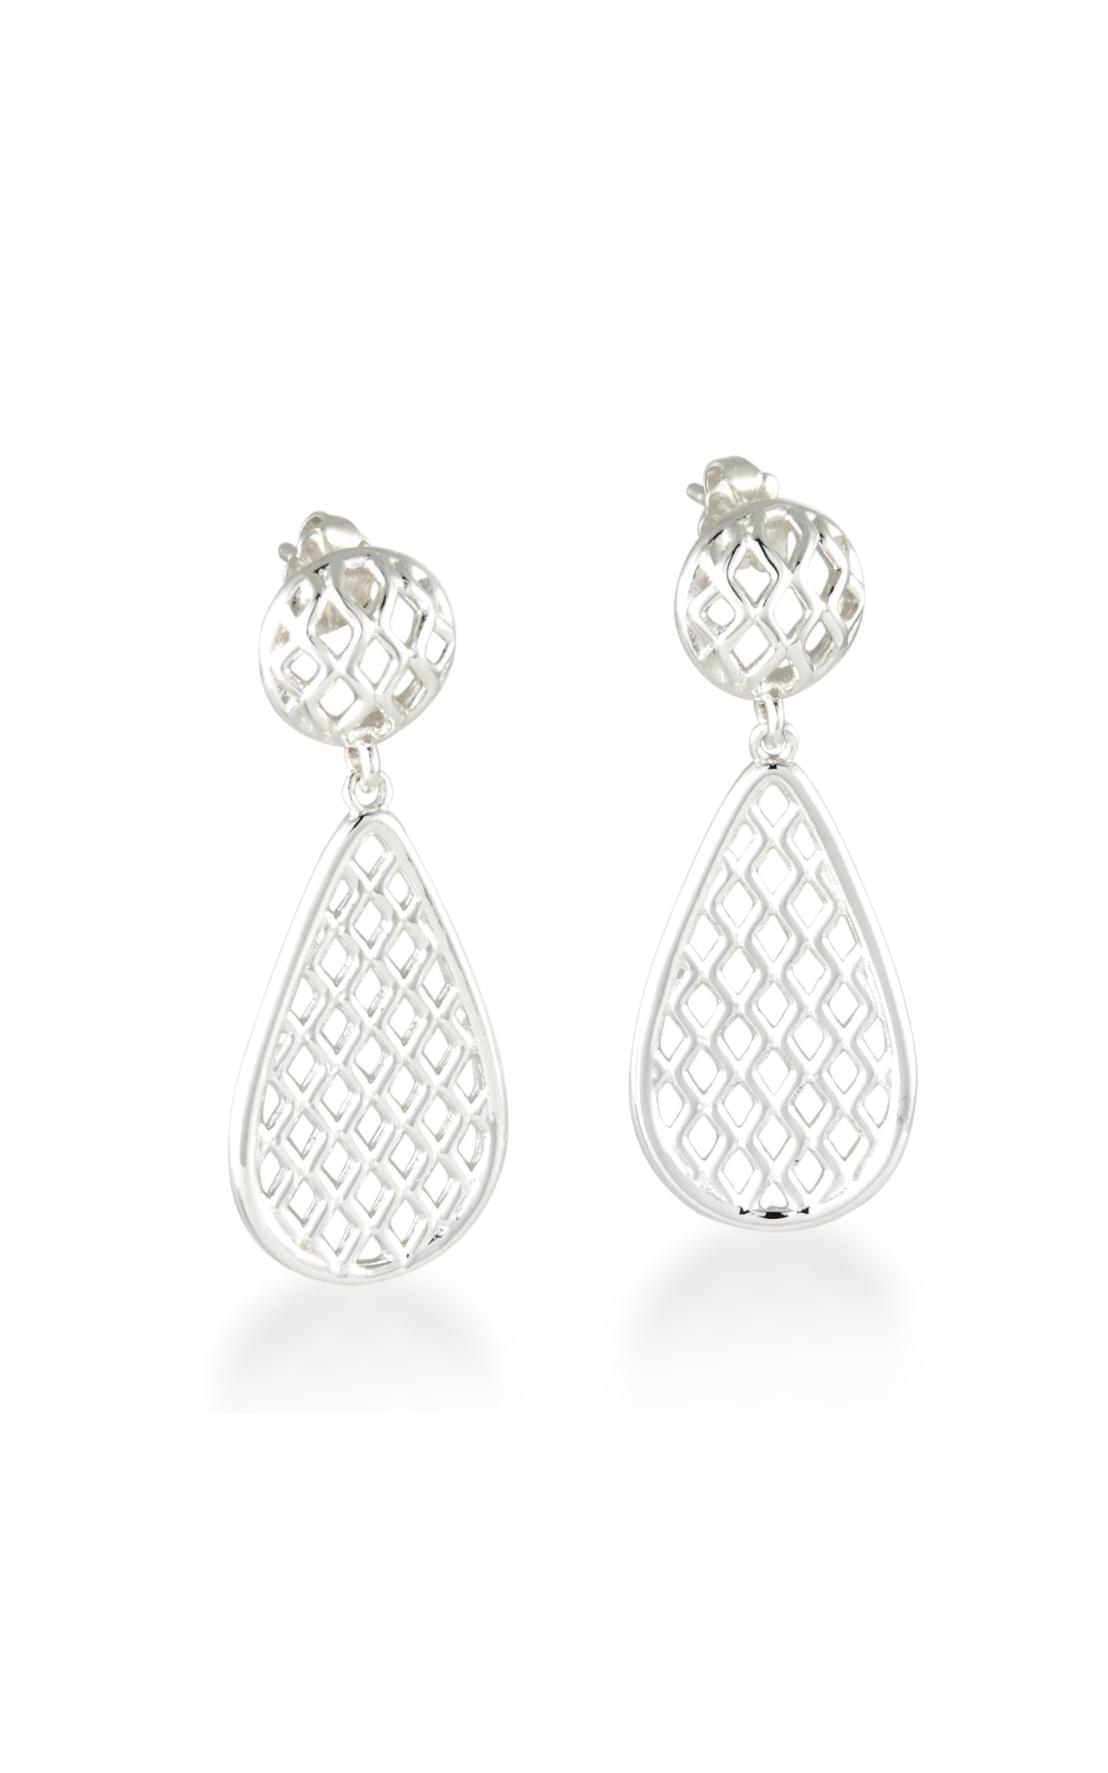 Zina Trellis Earrings B1745 product image